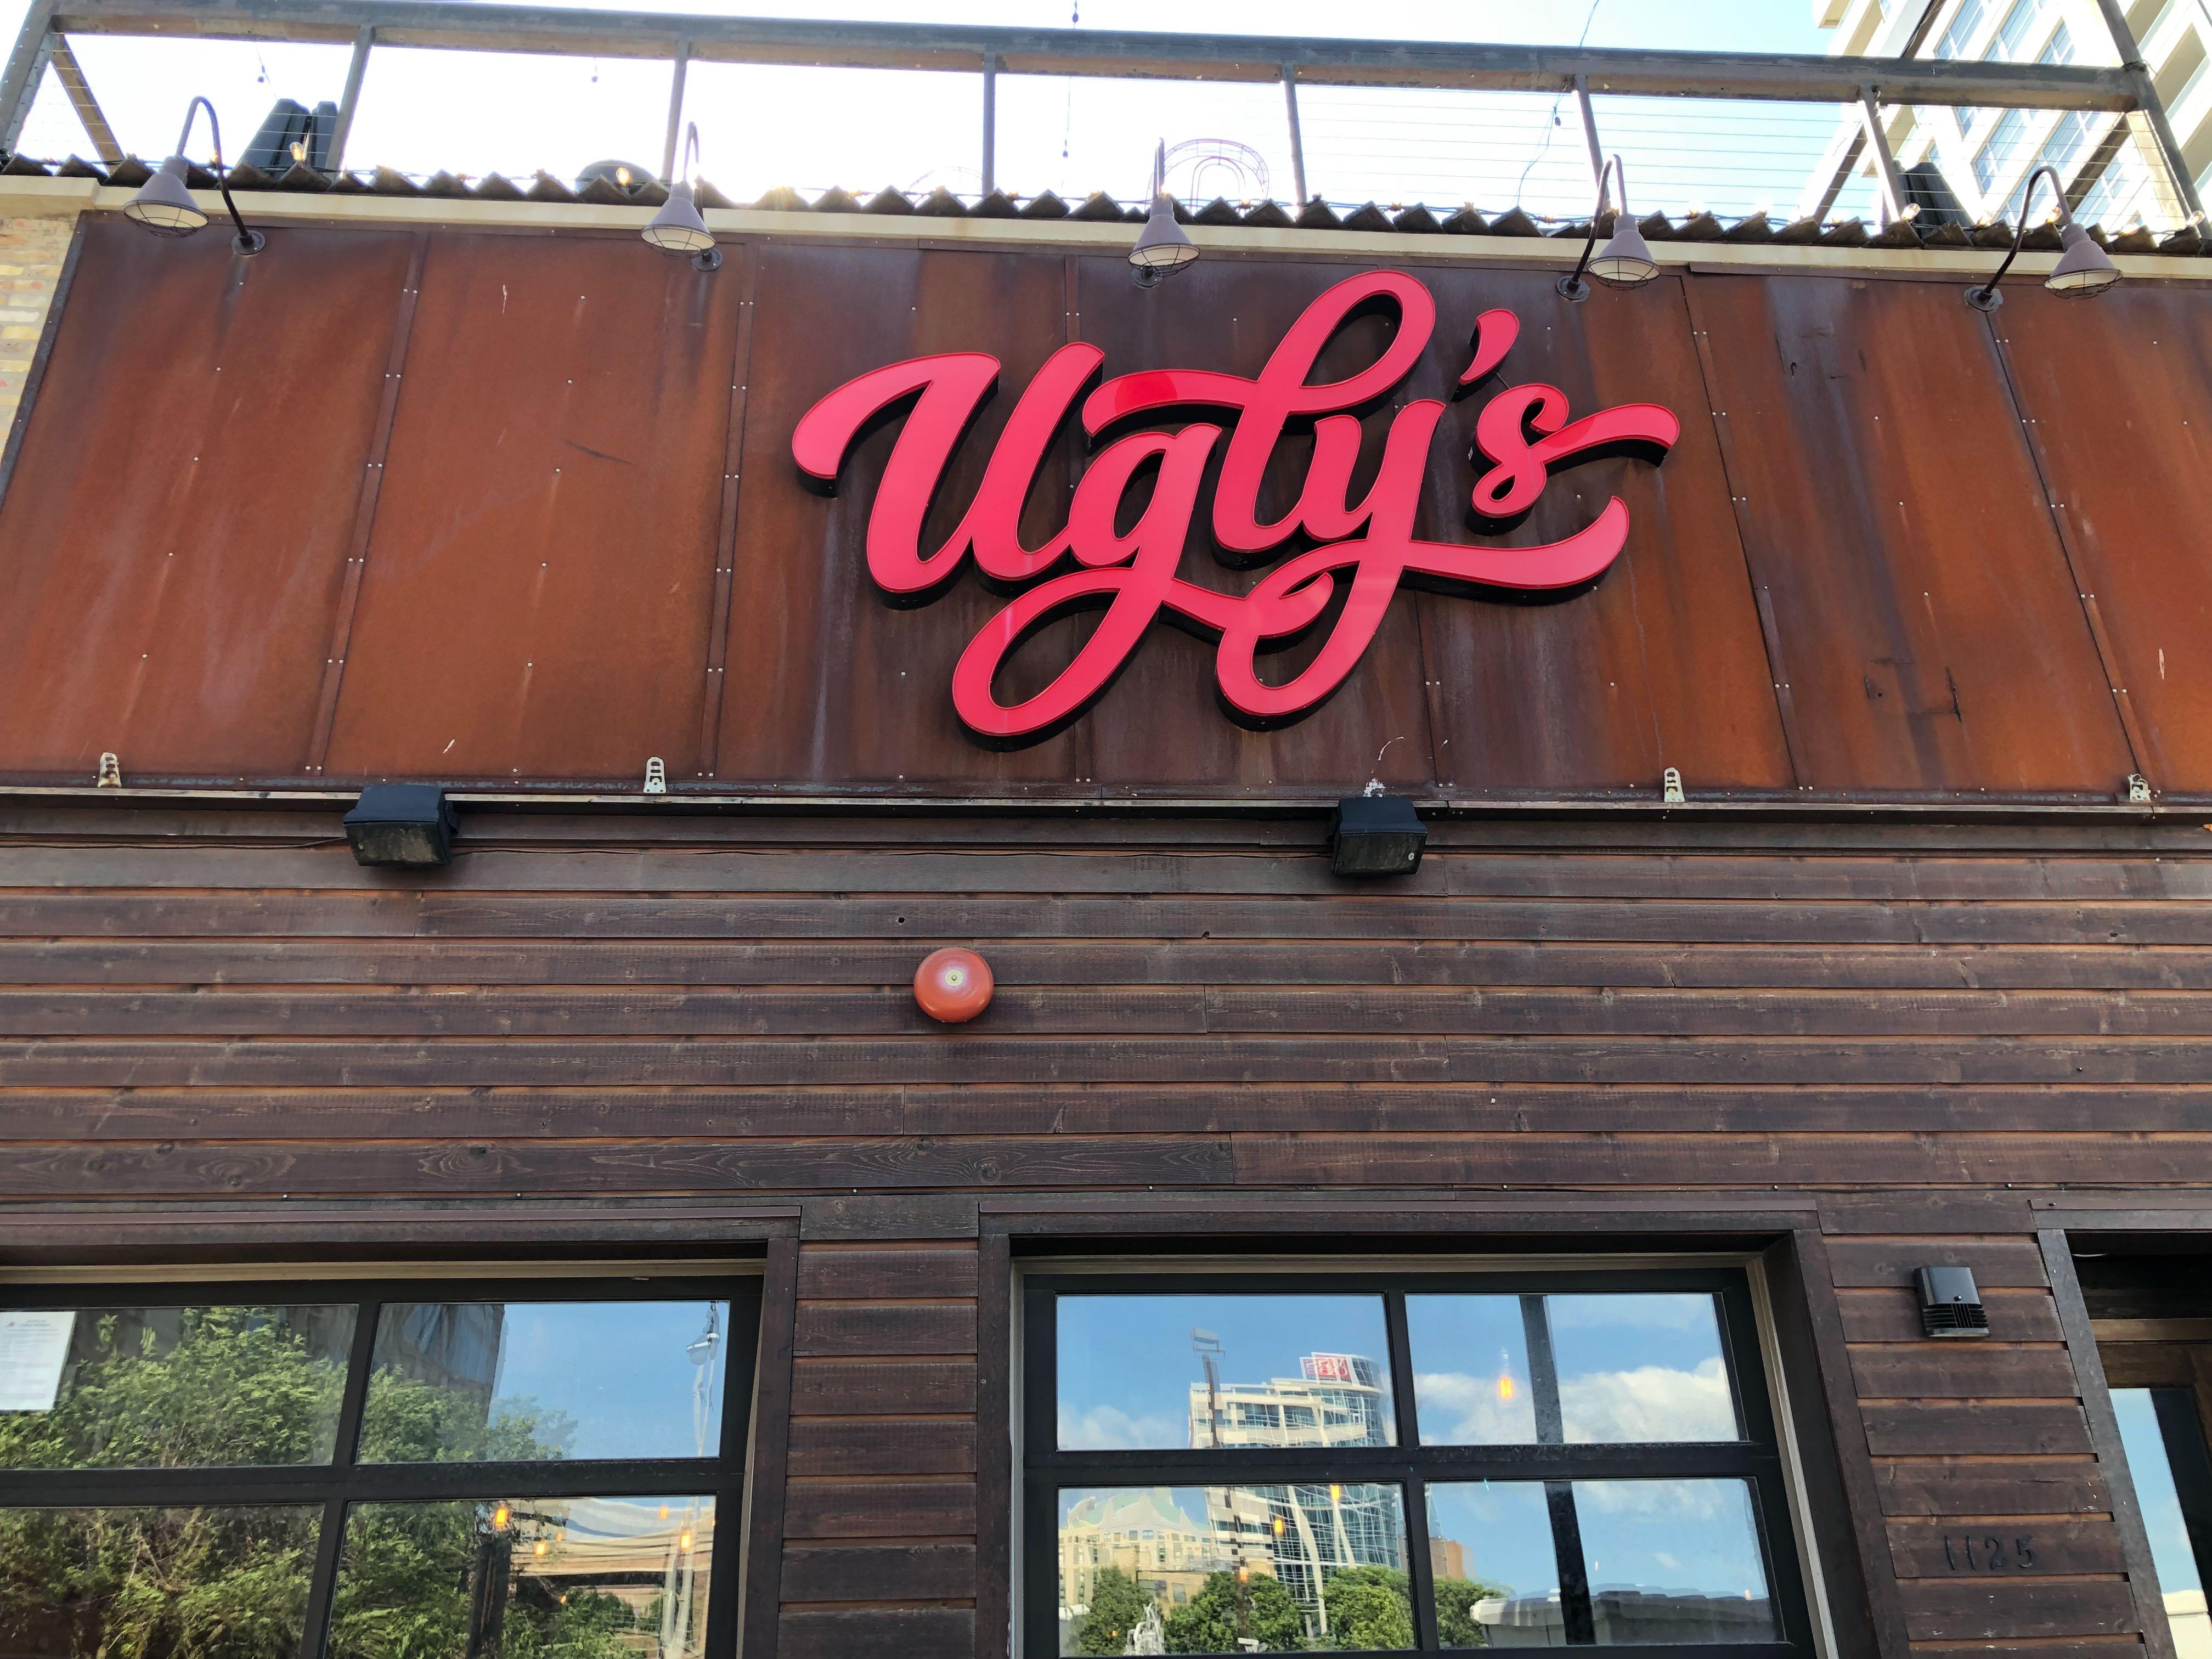 Ugly's, 1125 N. Old World 3rd St. Photo taken July 10th, 2019 by Jeramey Jannene.